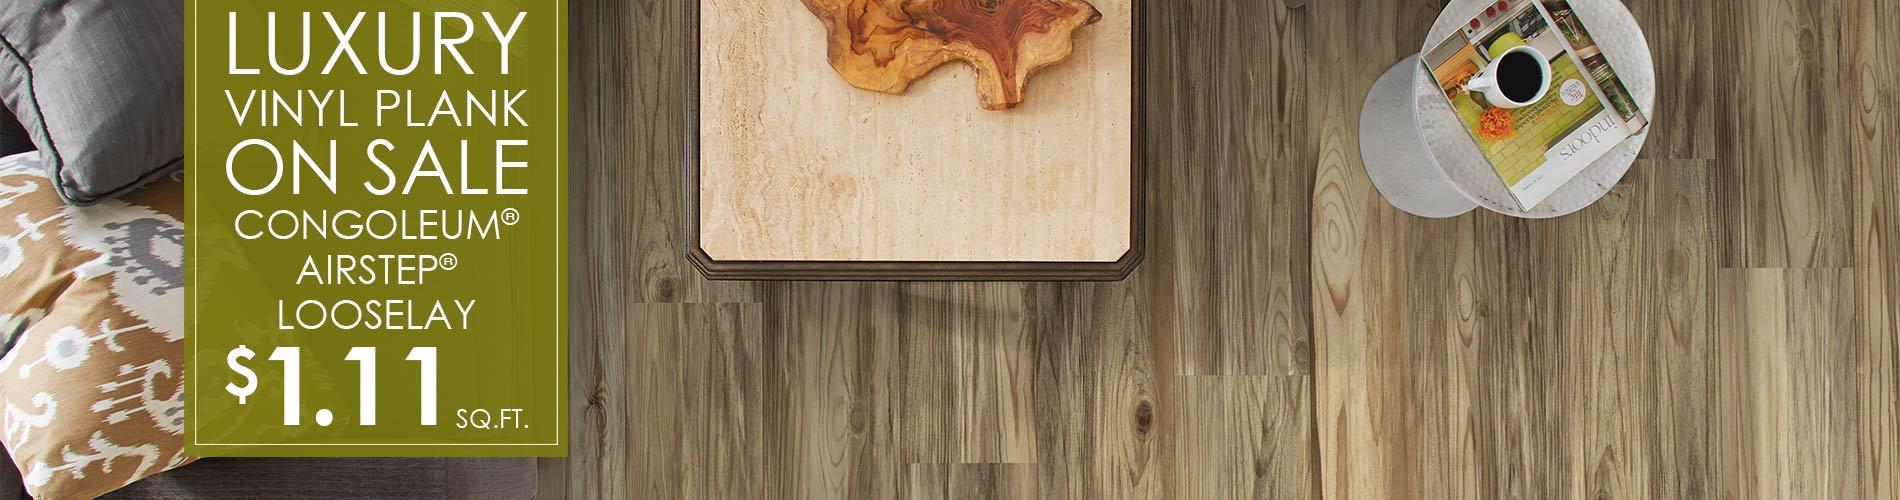 Luxury Vinyl Plank On Sale! Congoleum® Airstep® Looselay $1.11 sq.ft. at J & S Flooring in Georgetown, SC.